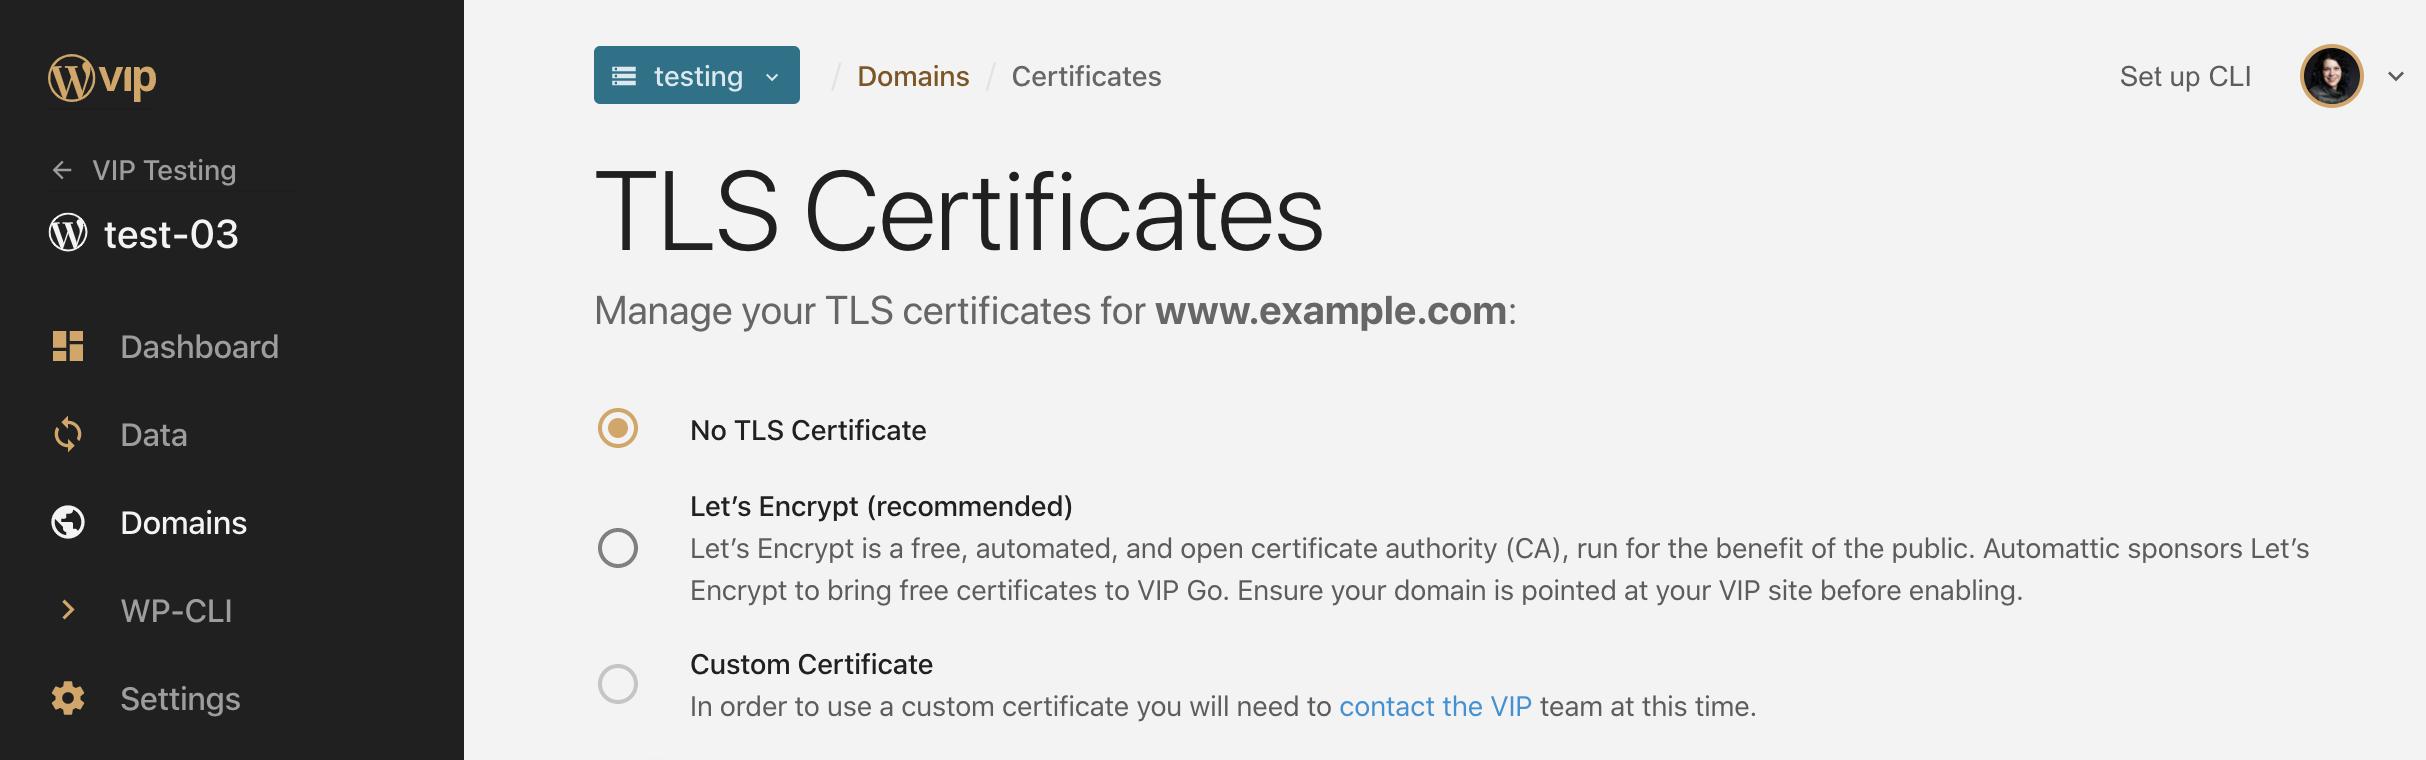 Menu to add TLS certificate